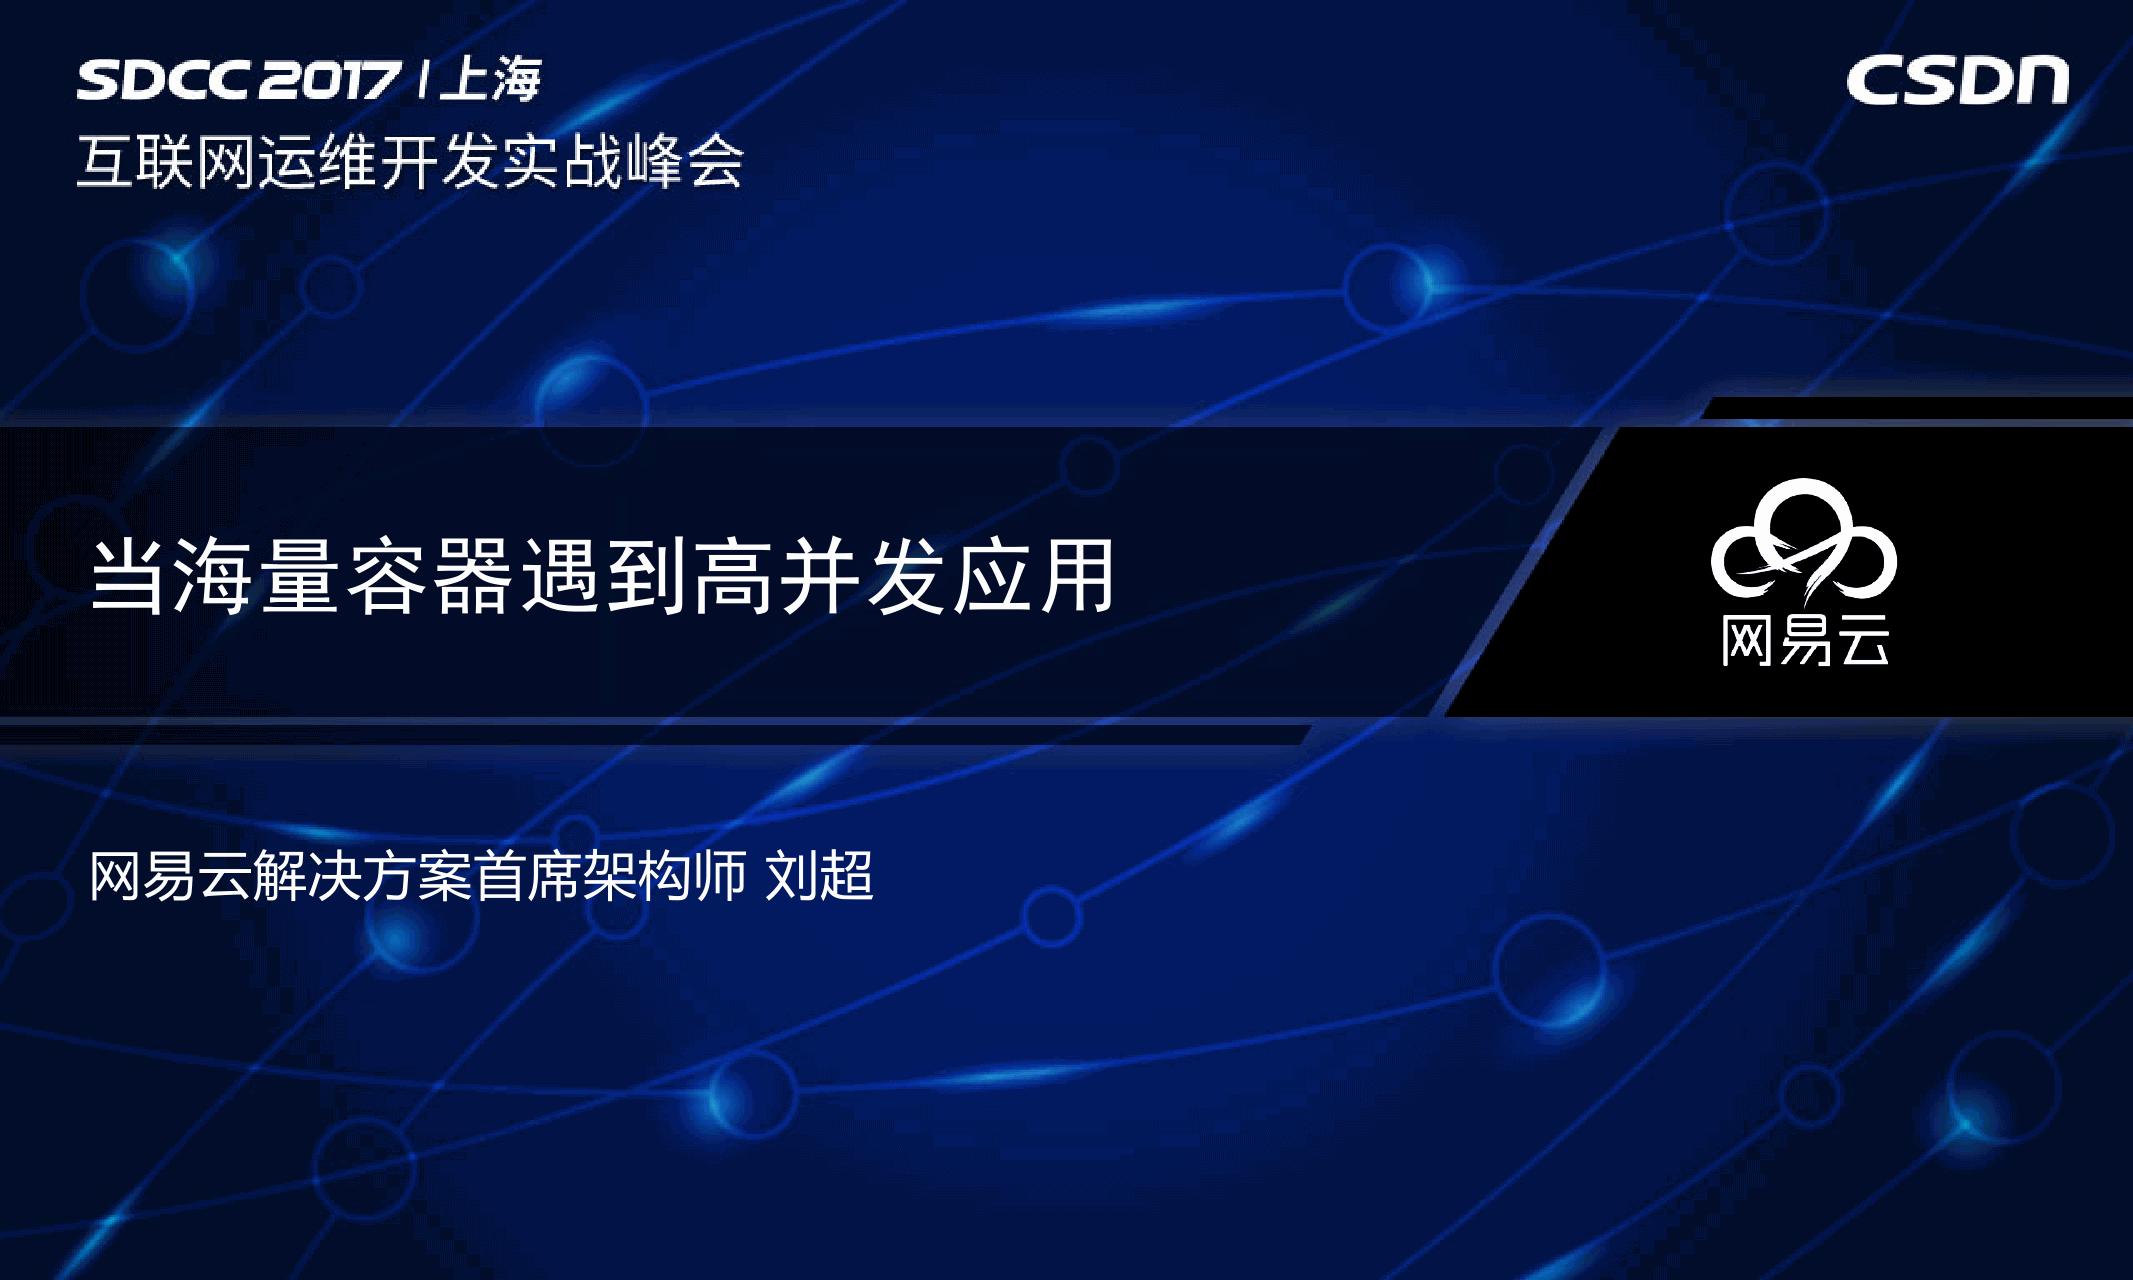 刘超-当海量容器平台遇到高并发应用